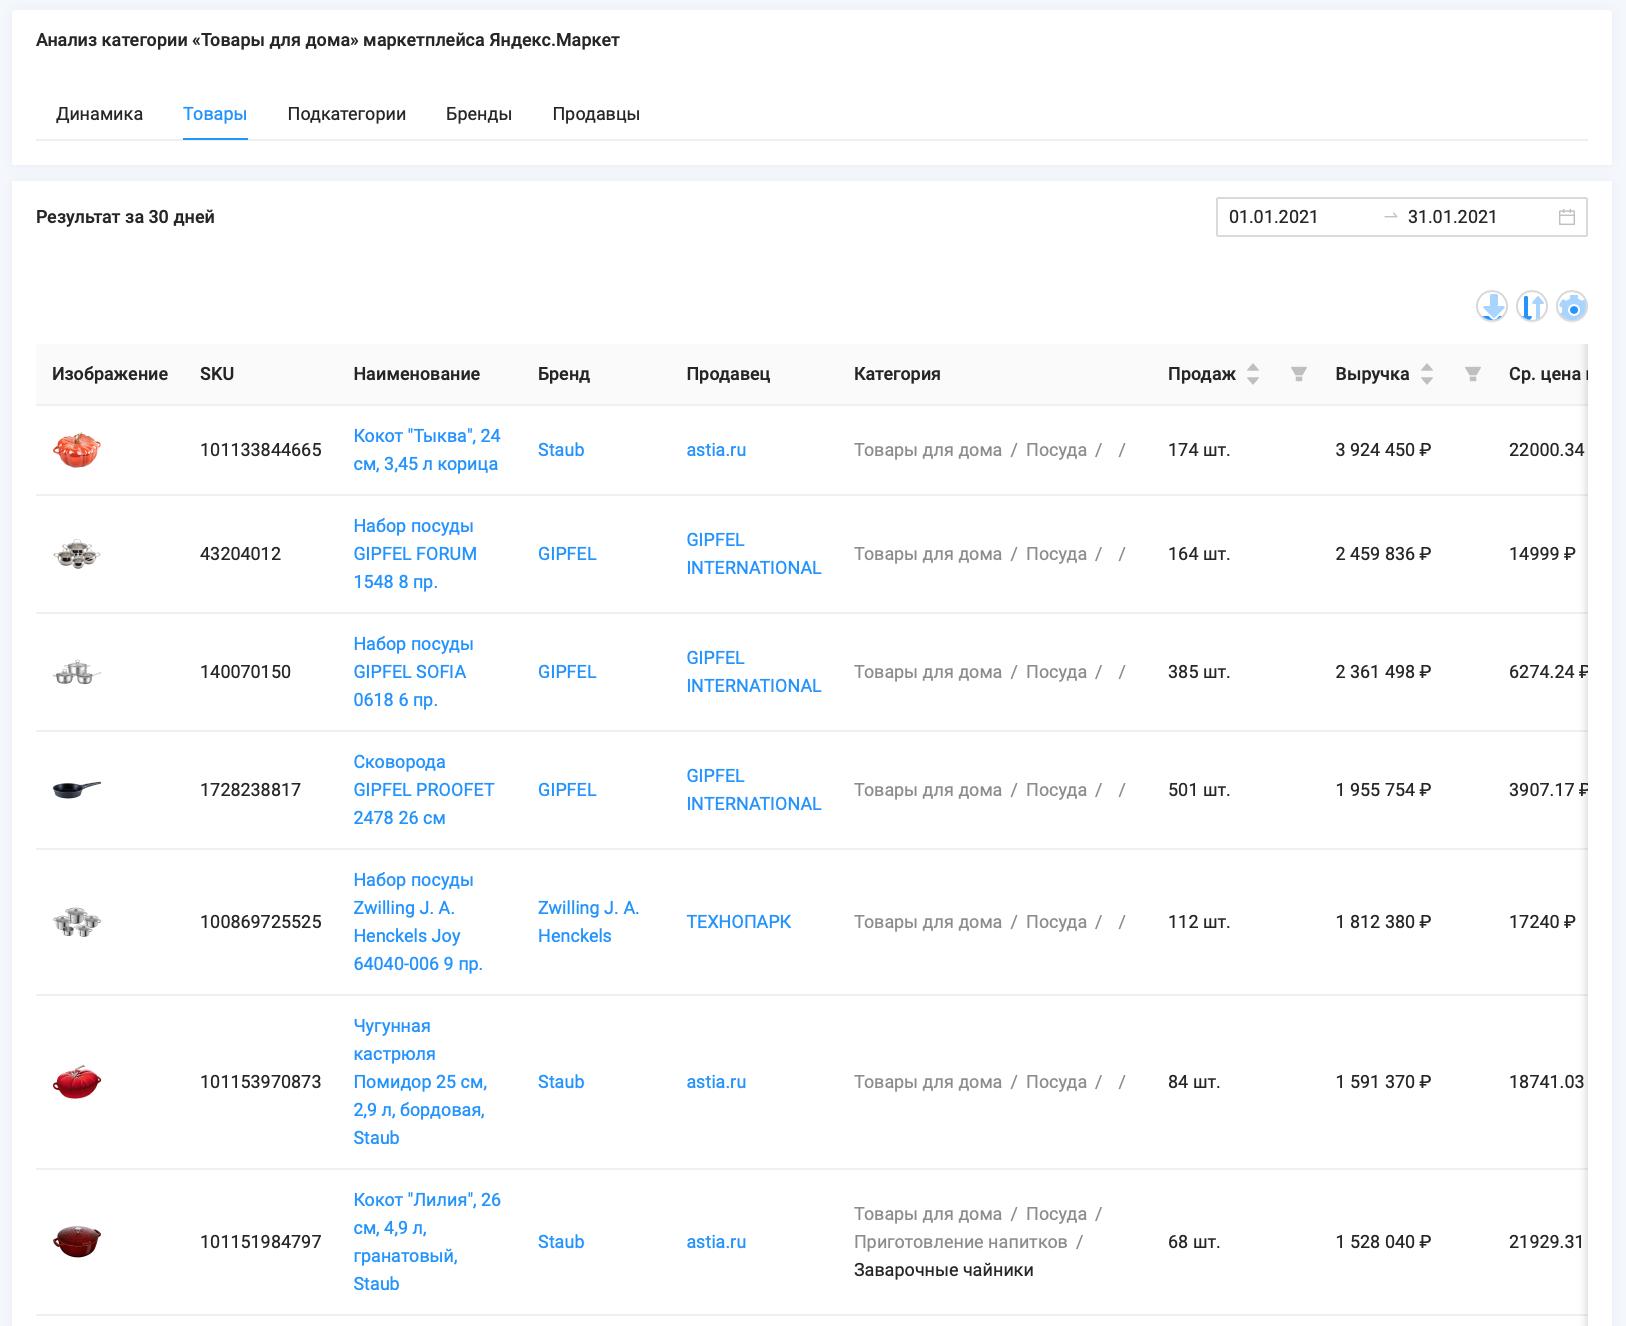 """Статистика объема продаж и выручки категории """"Товары для дома"""" маркетплейса Яндекс.Маркет, 1.01 - 31.01.21, данные сервиса аналитики SellerFox"""